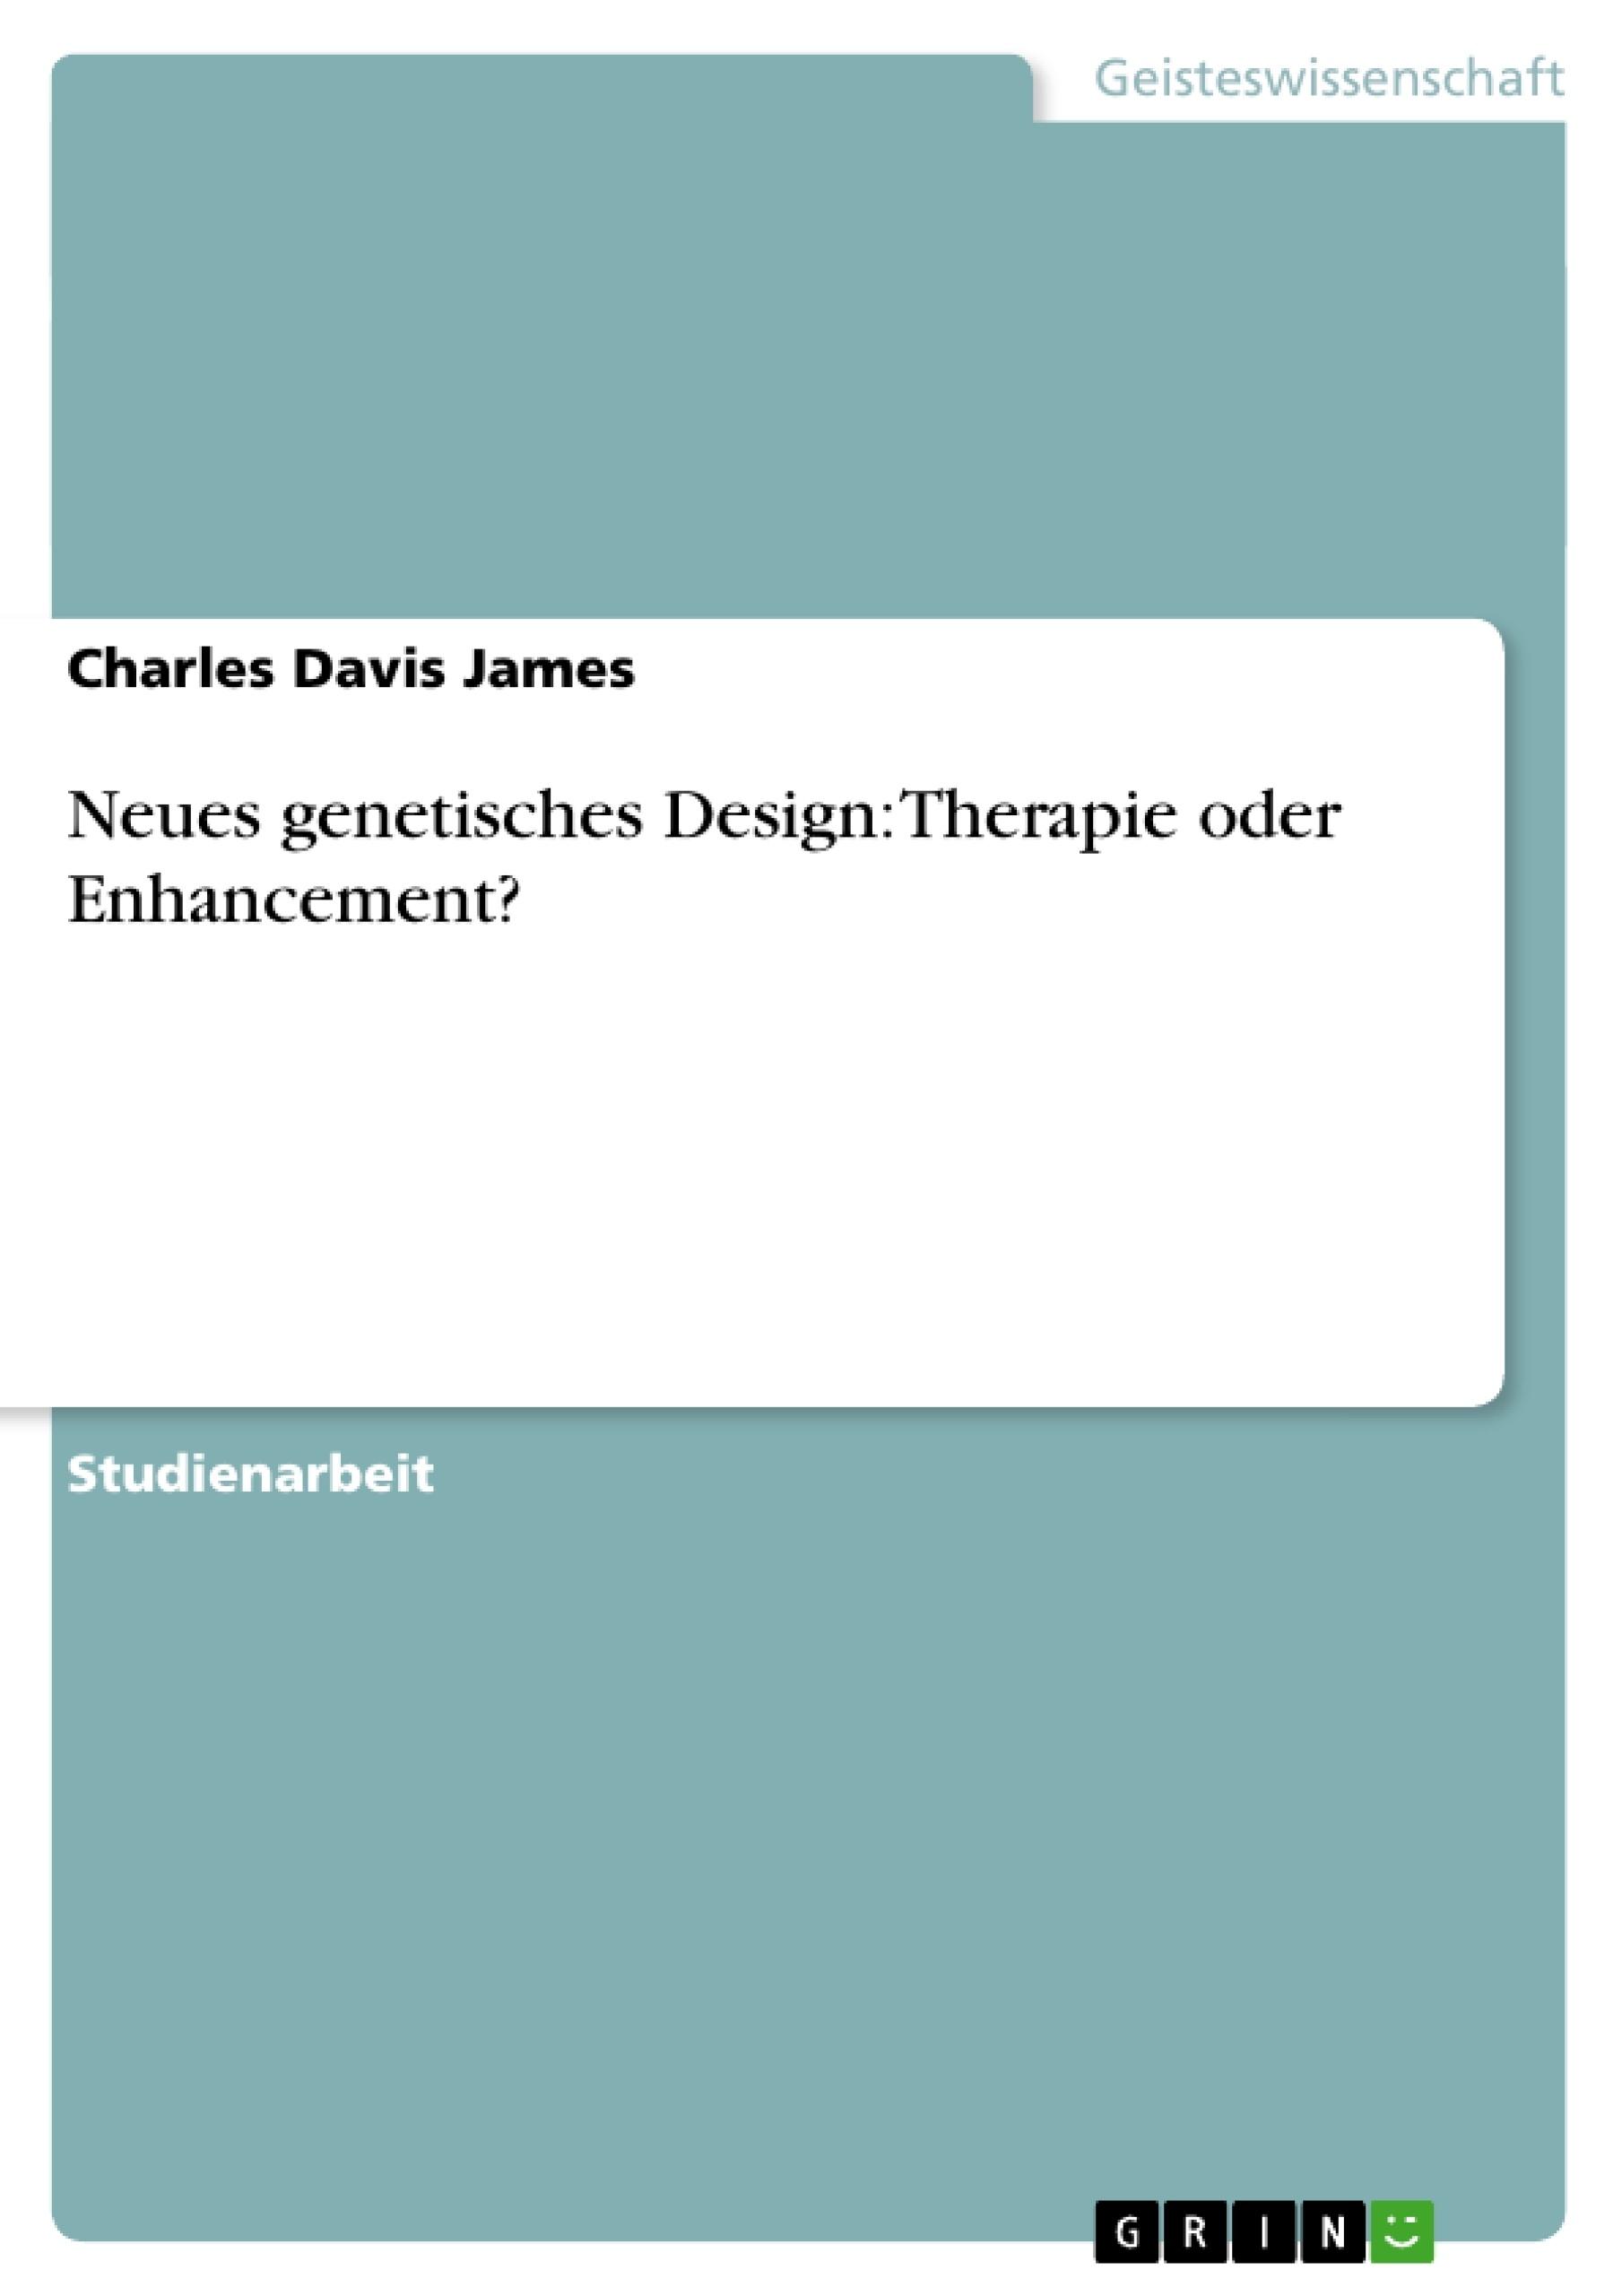 Titel: Neues genetisches Design: Therapie oder Enhancement?